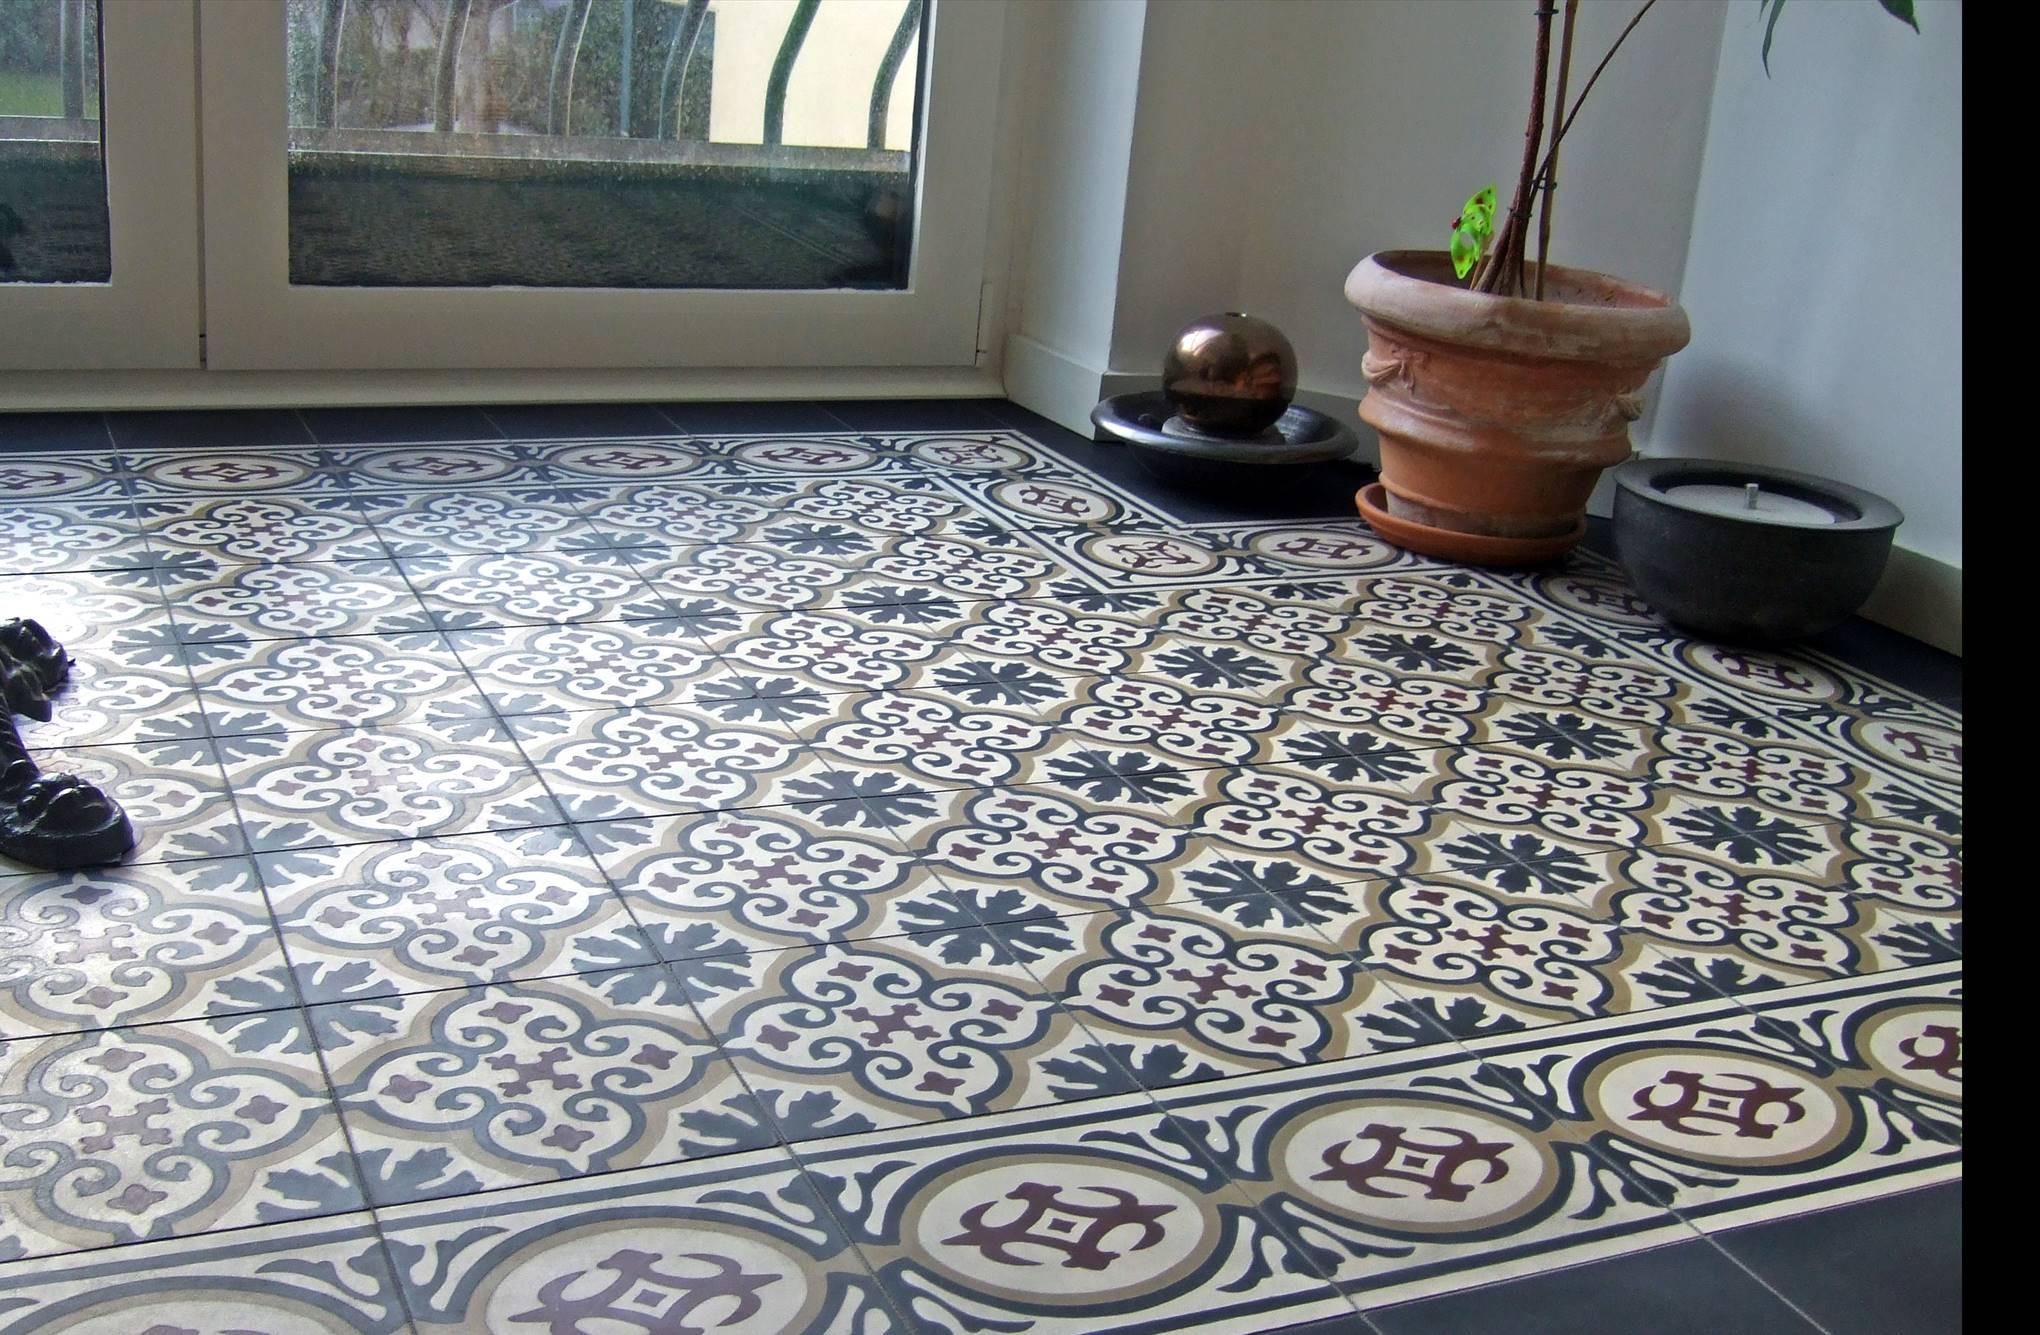 Marokkaanse Tegels Utrecht : Ruim aanbod marokkaanse cementtegels de vloerendesigner